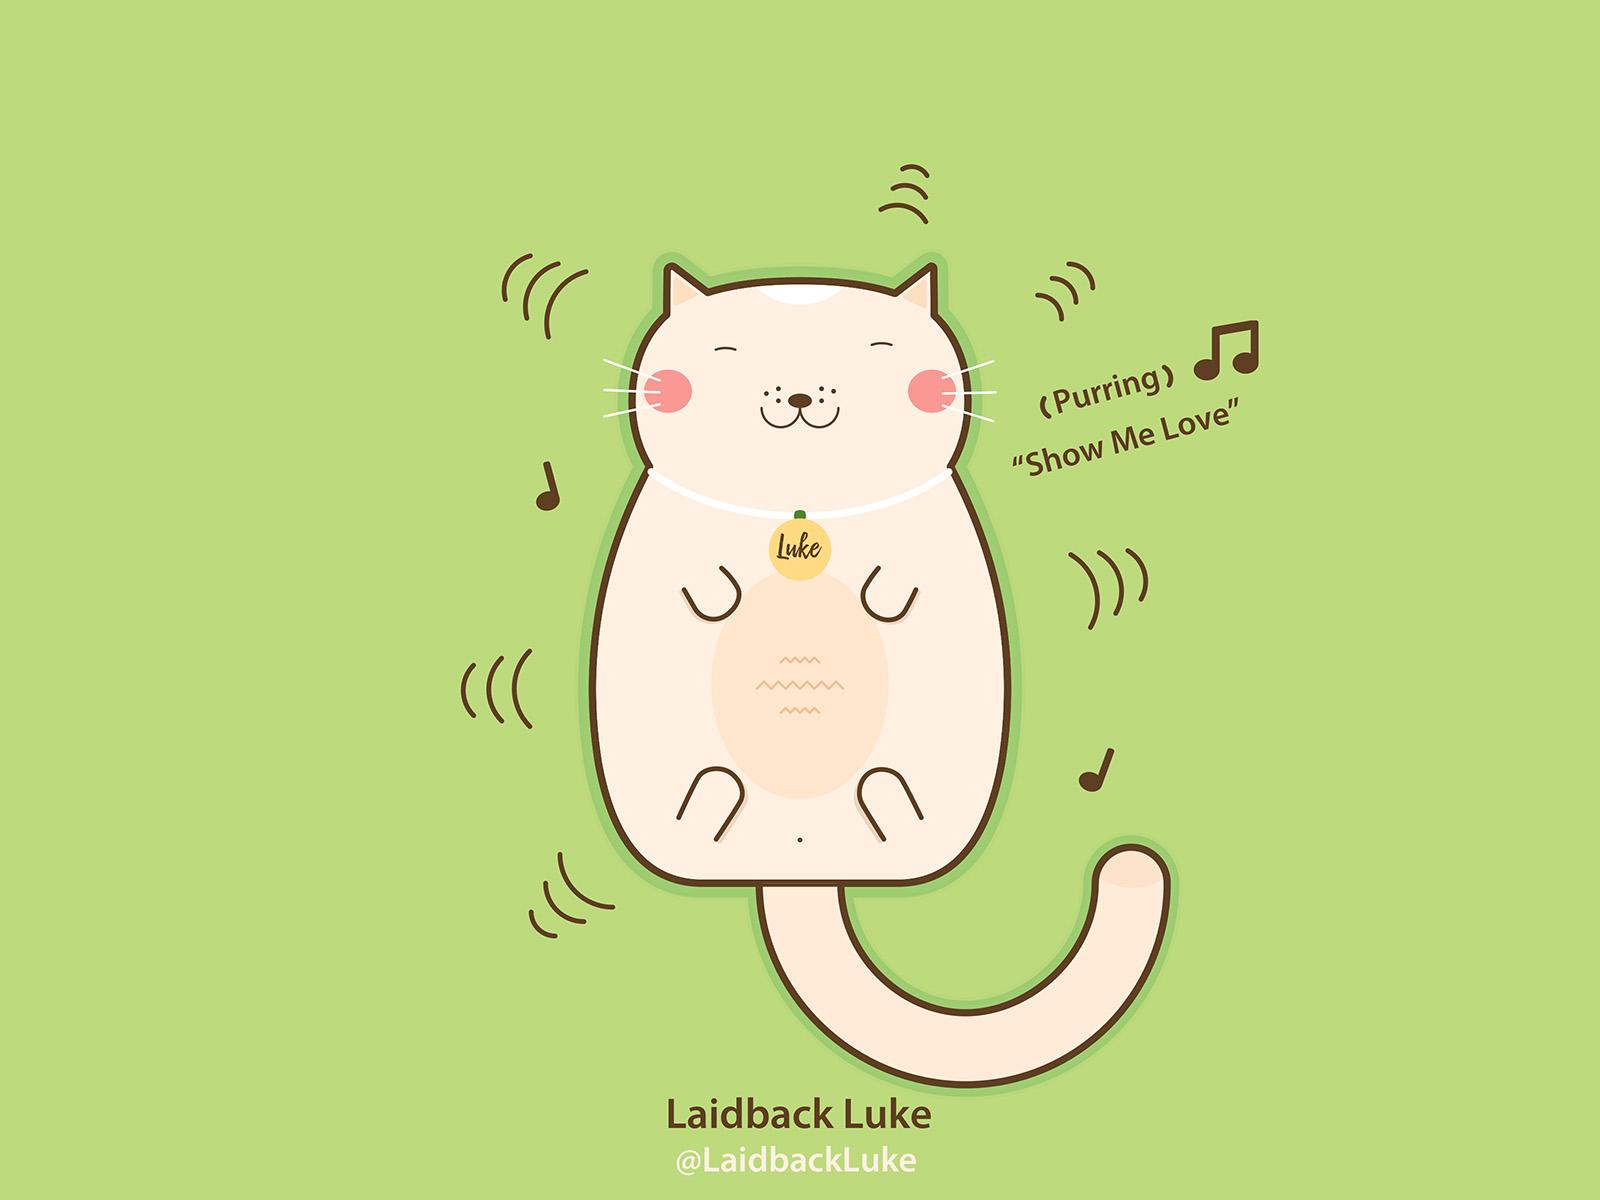 Laidback Luke as a cat fan art